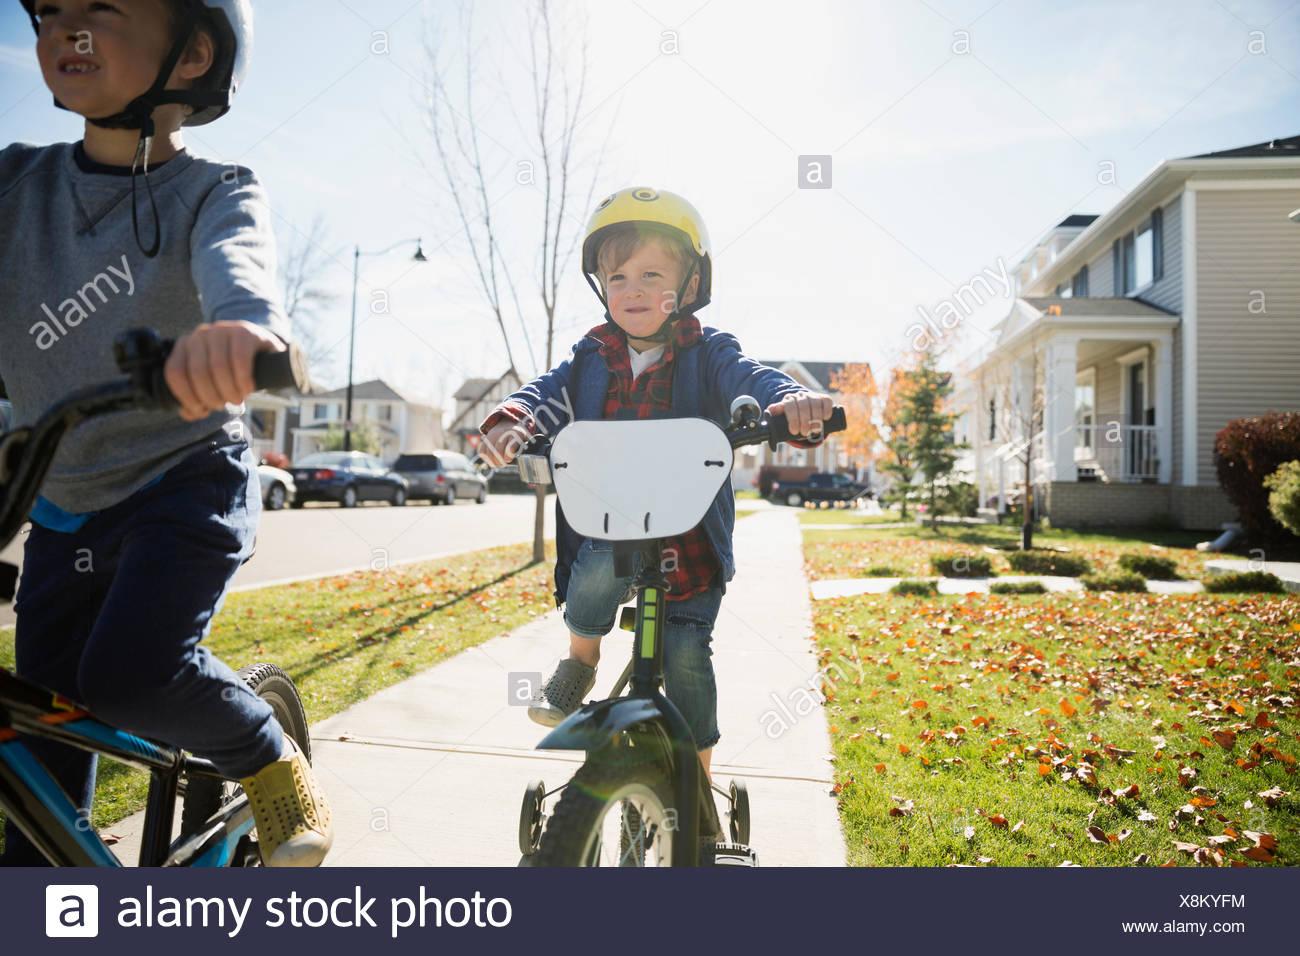 Los chicos andando en bicicleta en otoño barrio acera Imagen De Stock